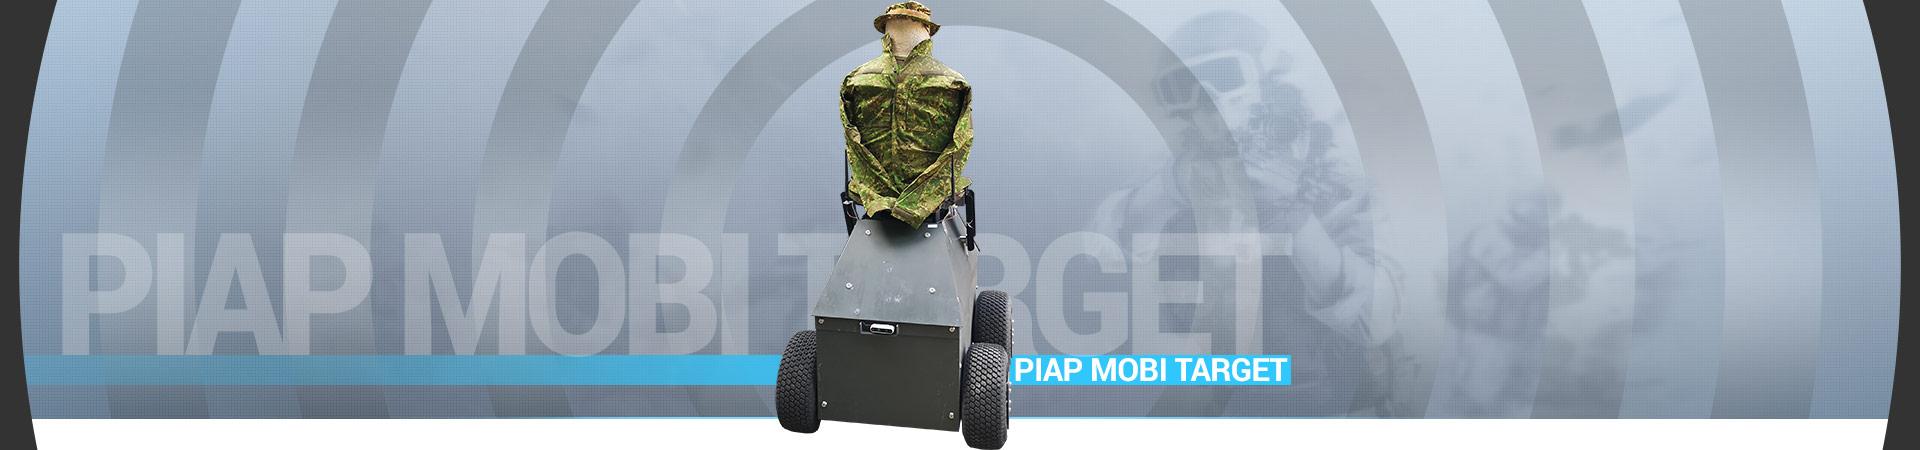 PIAP Mobi Target